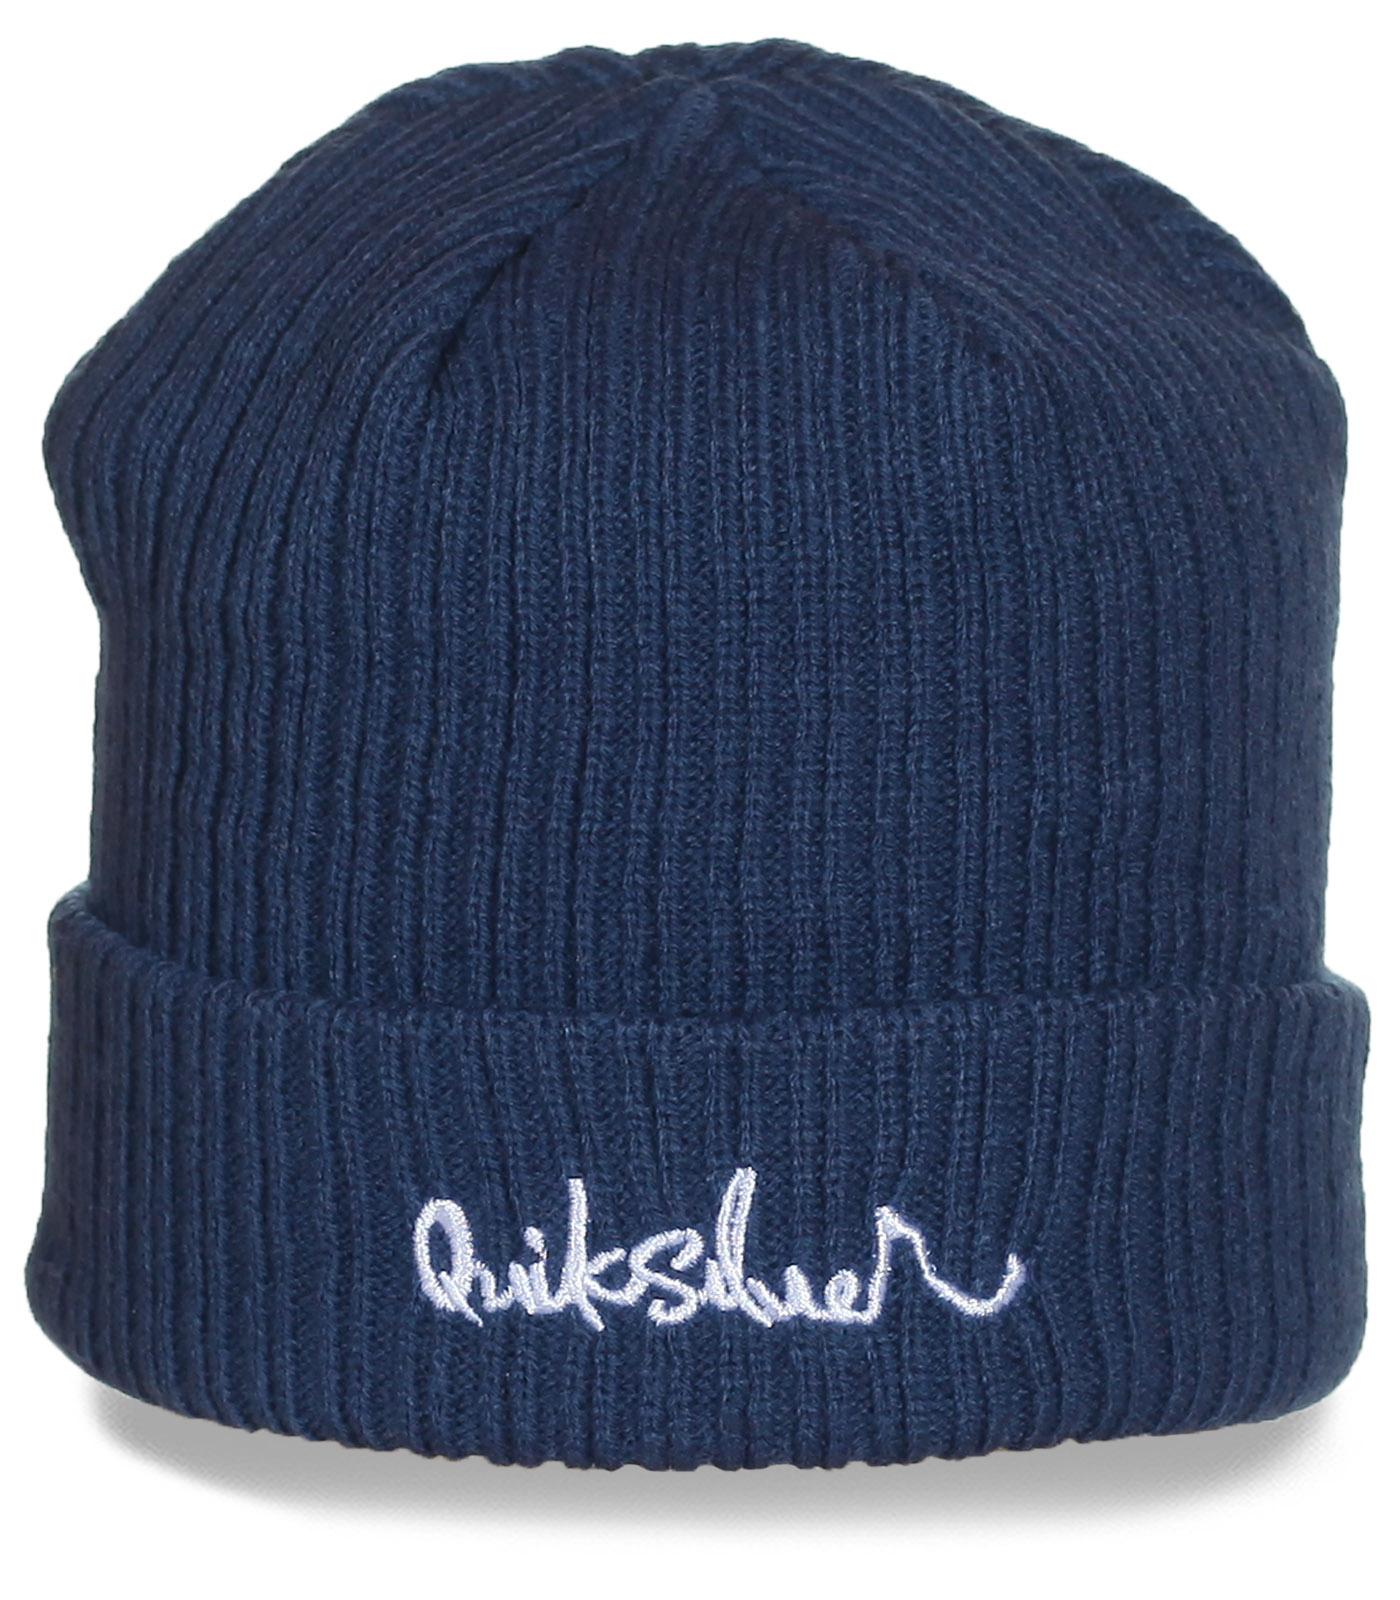 Оригинальная вязаная шапка Quiksilver. Брендовая вещь по доступной цене!